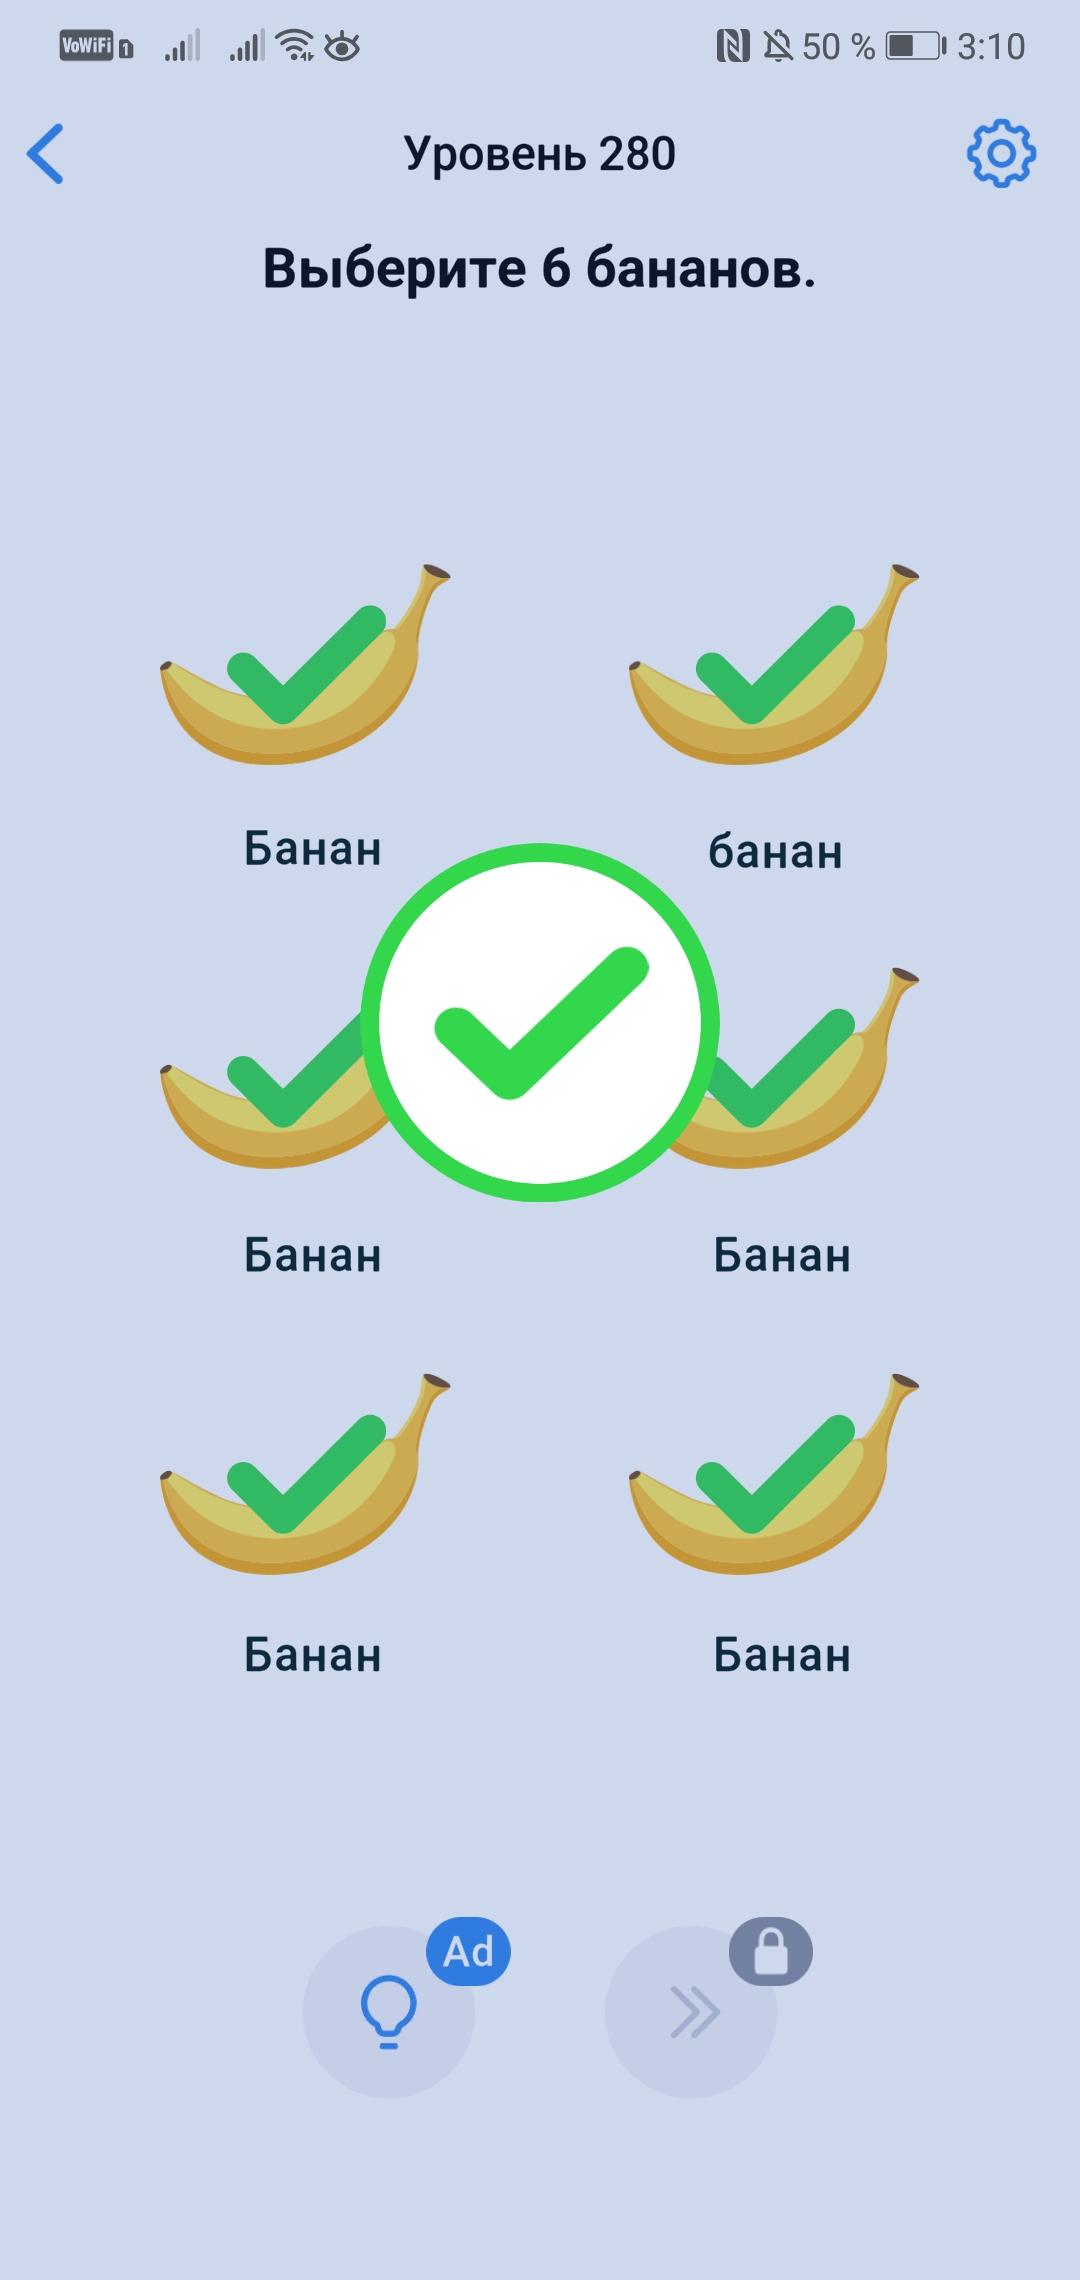 Easy Game - 280 уровень - Выберите 6 бананов.